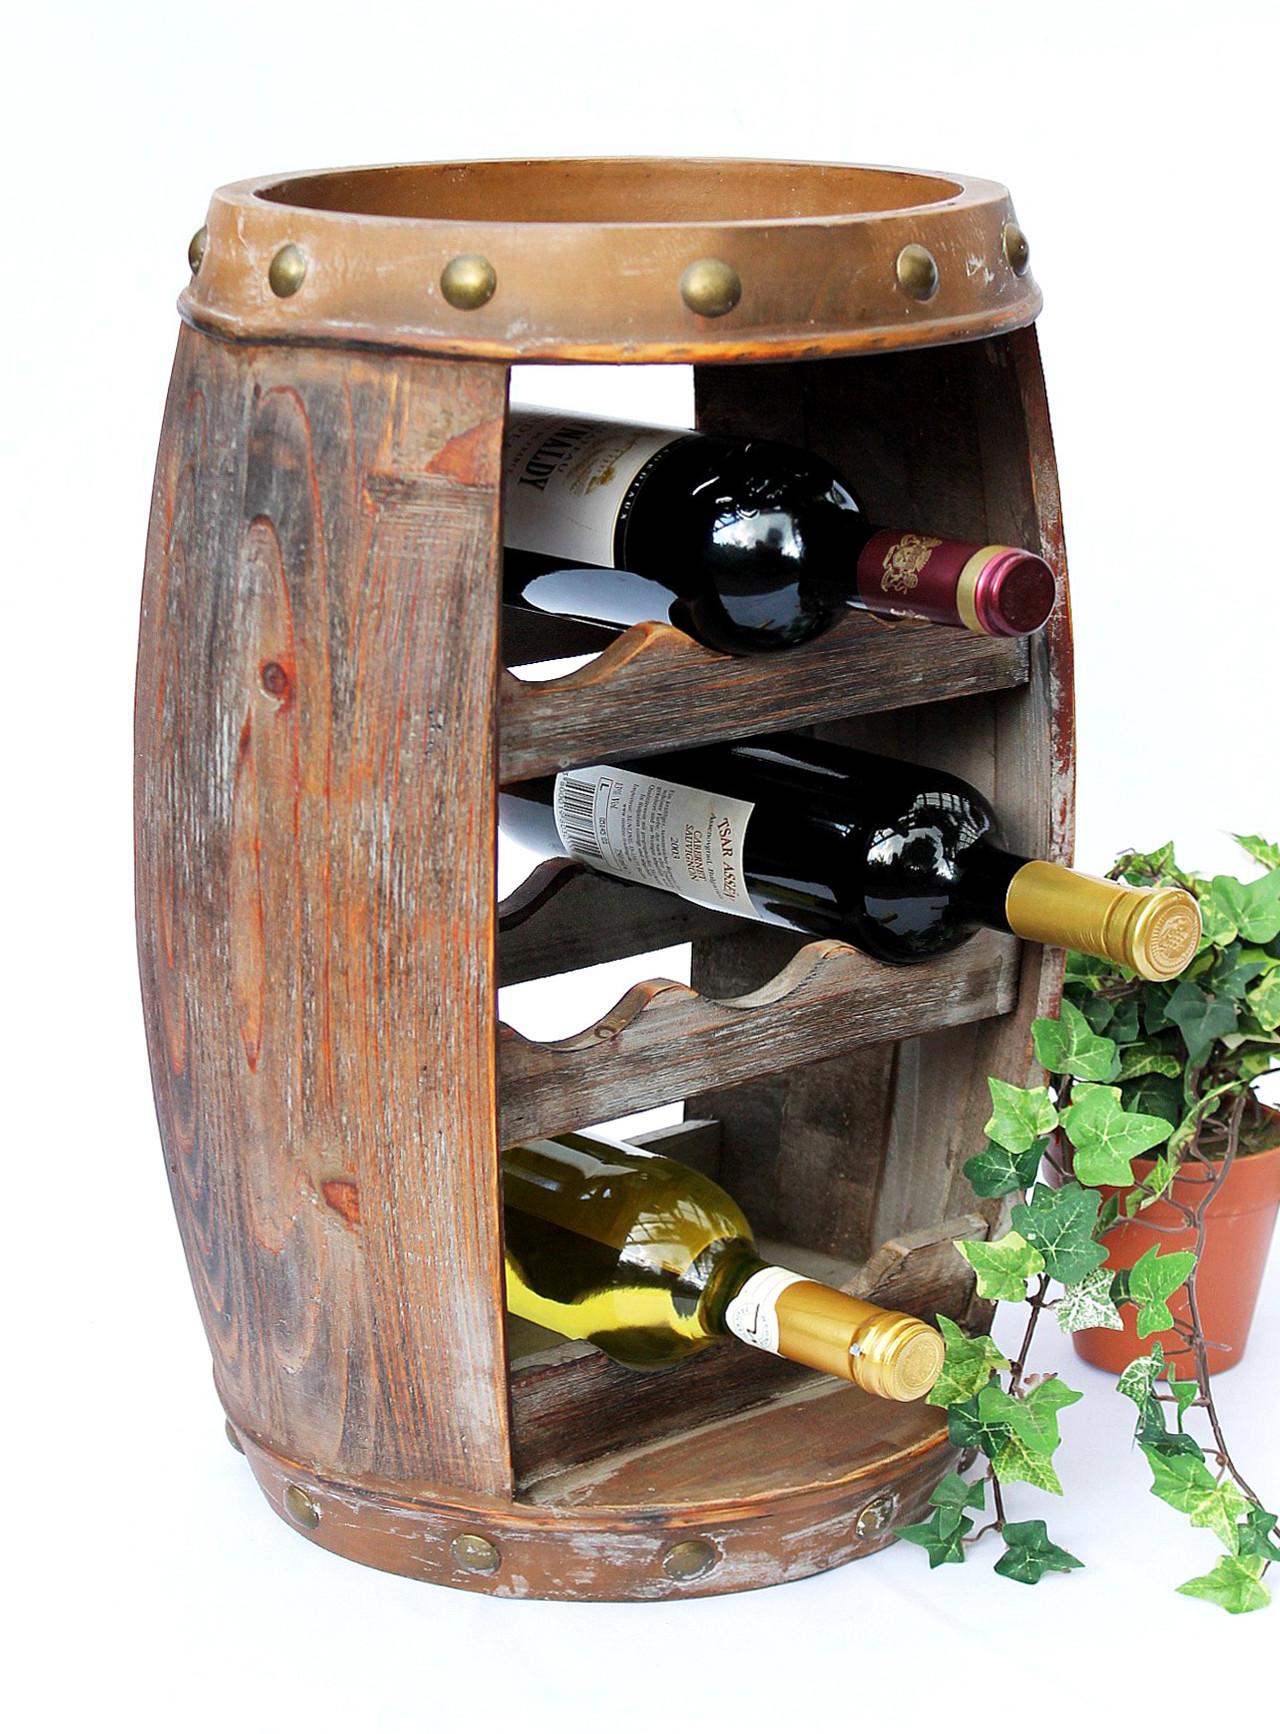 weinregal weinfass 1555 bar flaschenst nder 50cm f r 8 fl regal fass holzfass dandibo. Black Bedroom Furniture Sets. Home Design Ideas